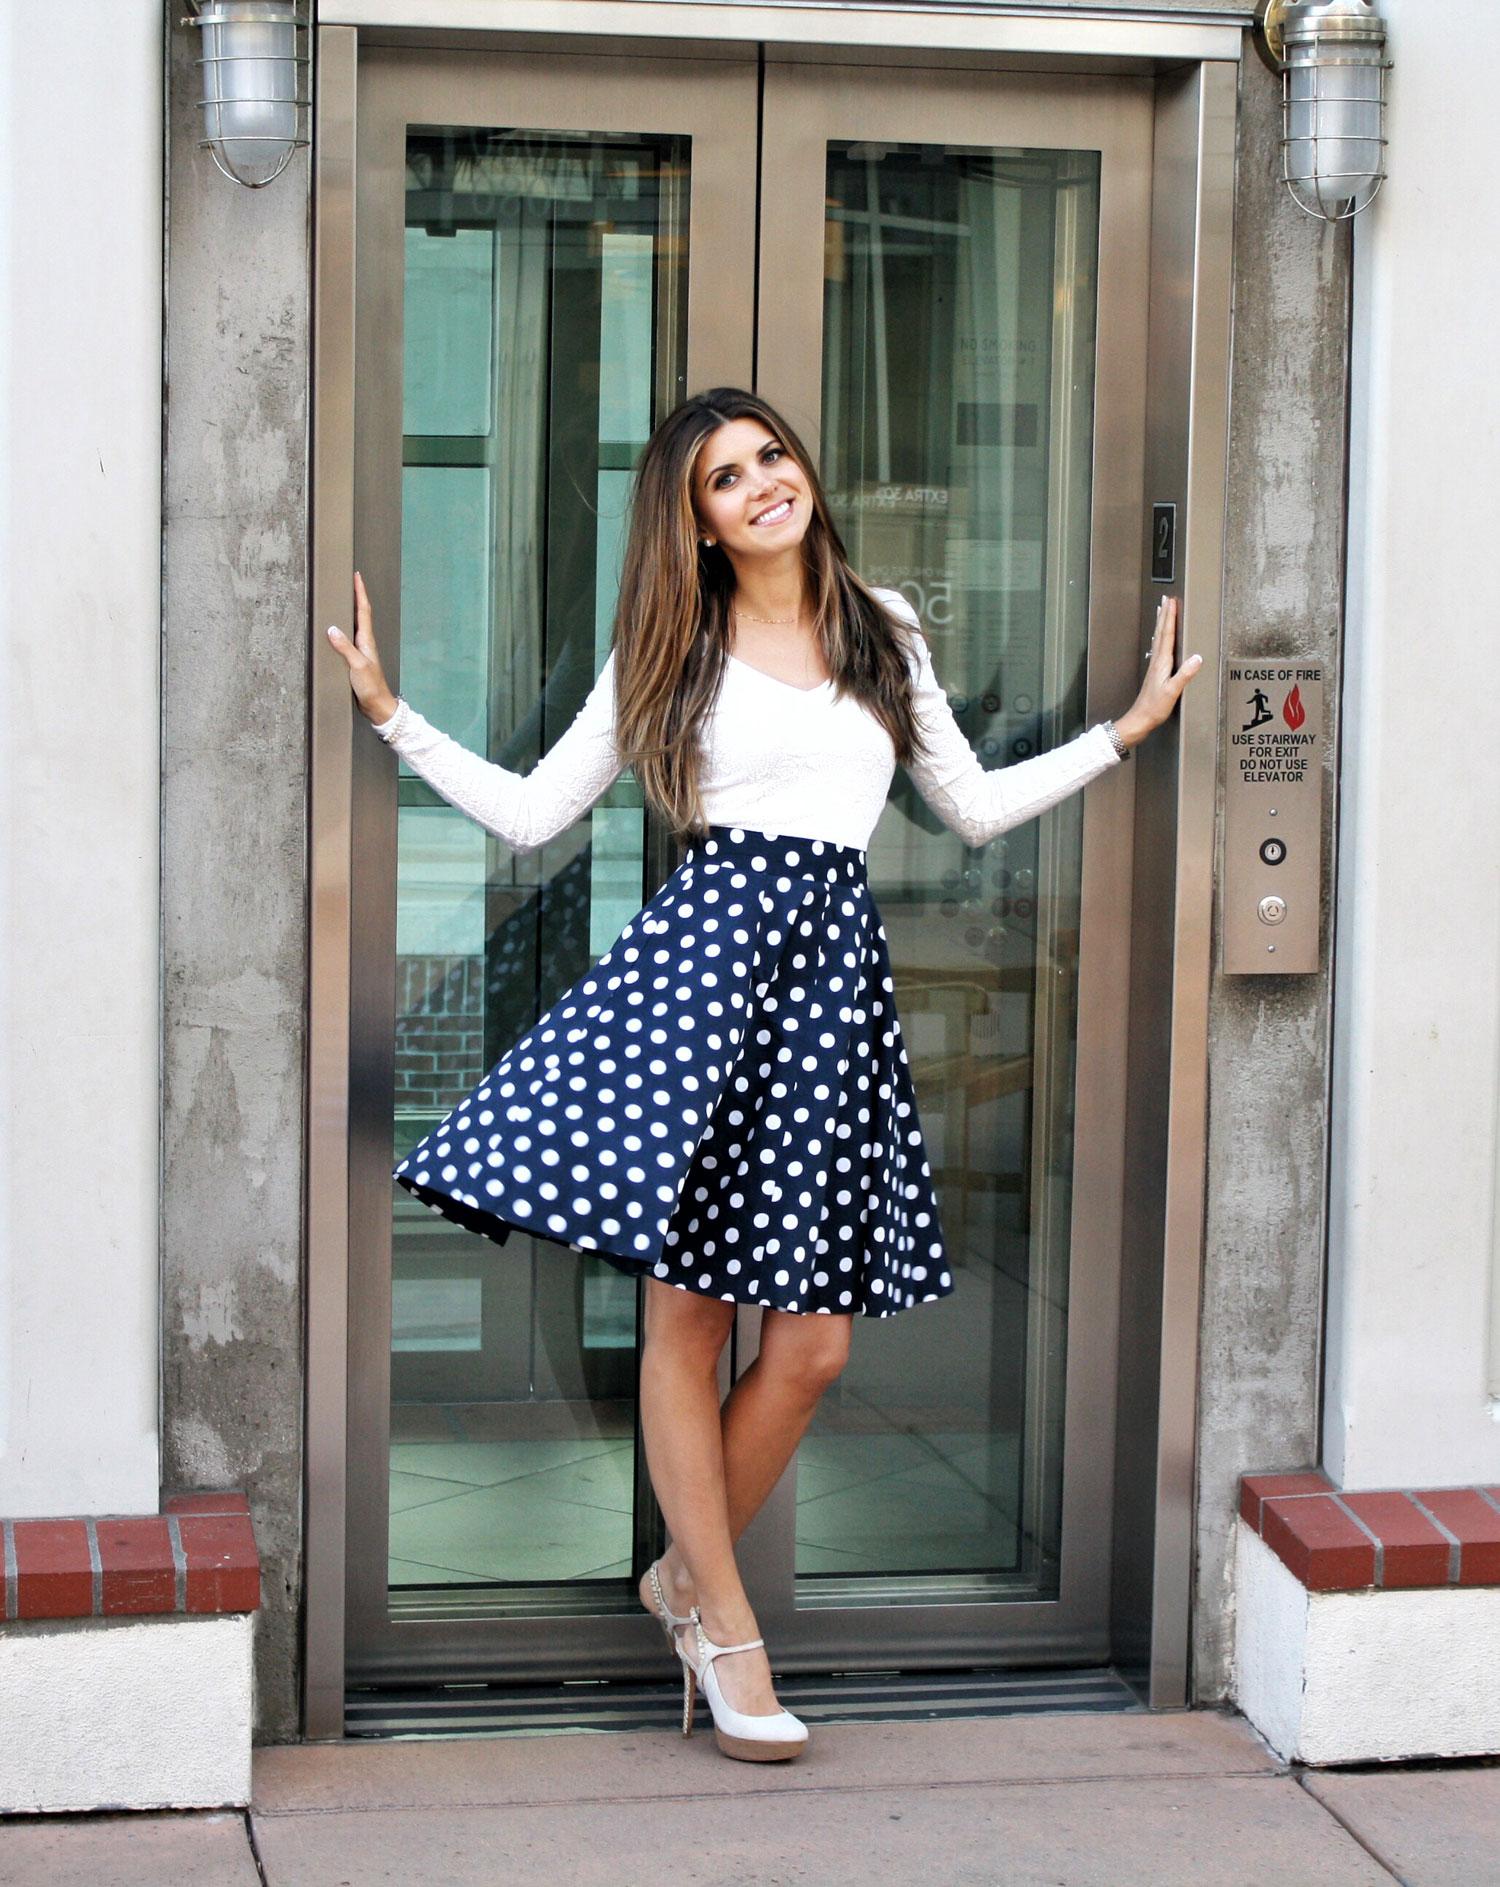 Polka Dot Skirt, Classy Outfit, Polka Dots,